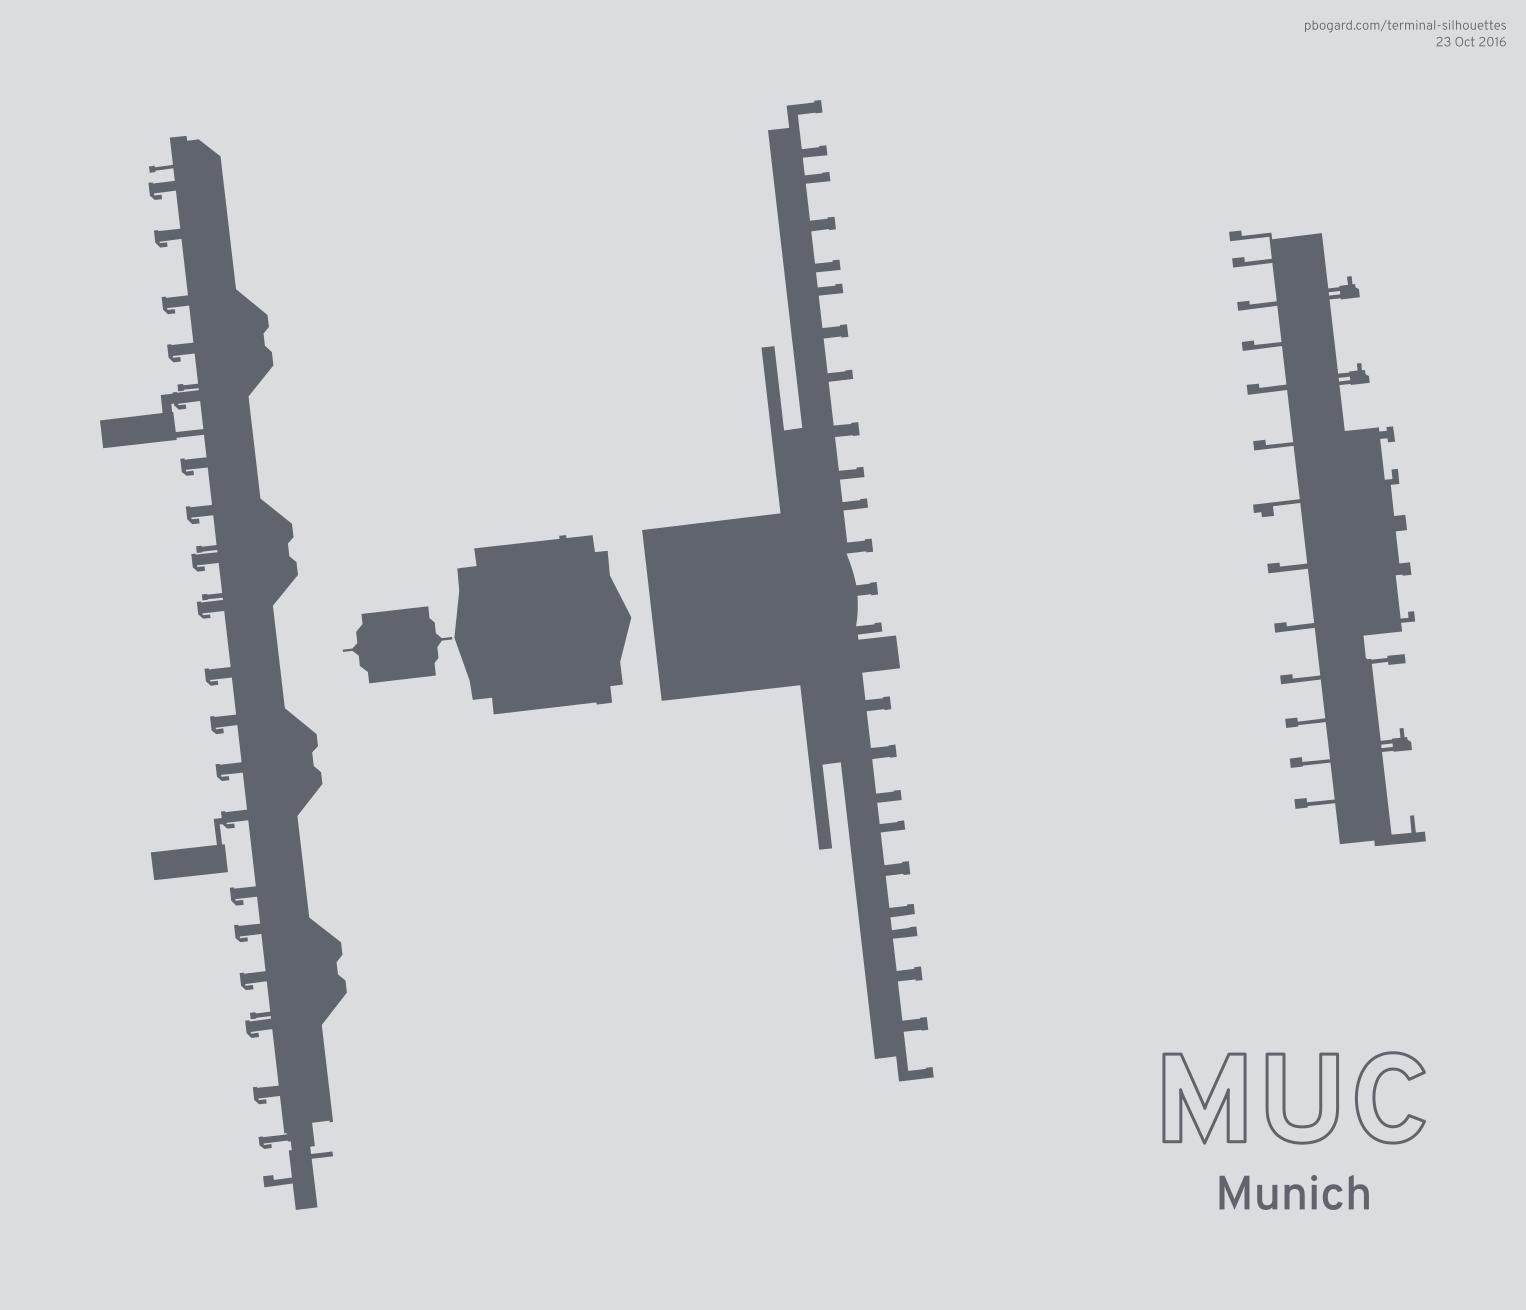 Terminal silhouette of MUC (Munich)